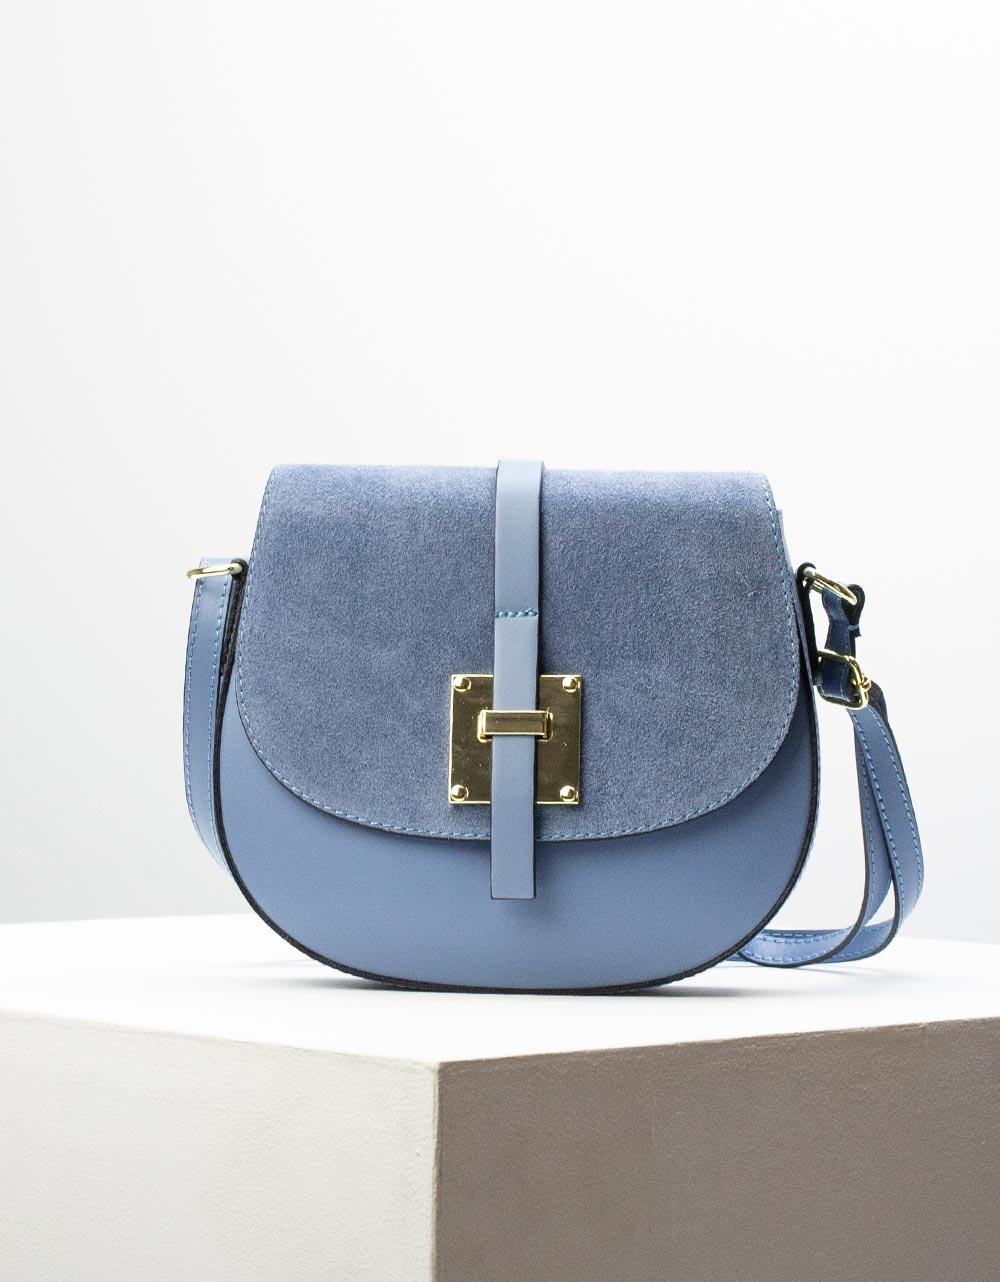 Εικόνα από Γυναικεία τσάντα ώμου & χιαστί από γνήσιο δέρμα σε συνδιασμούς υλικών Σιέλ